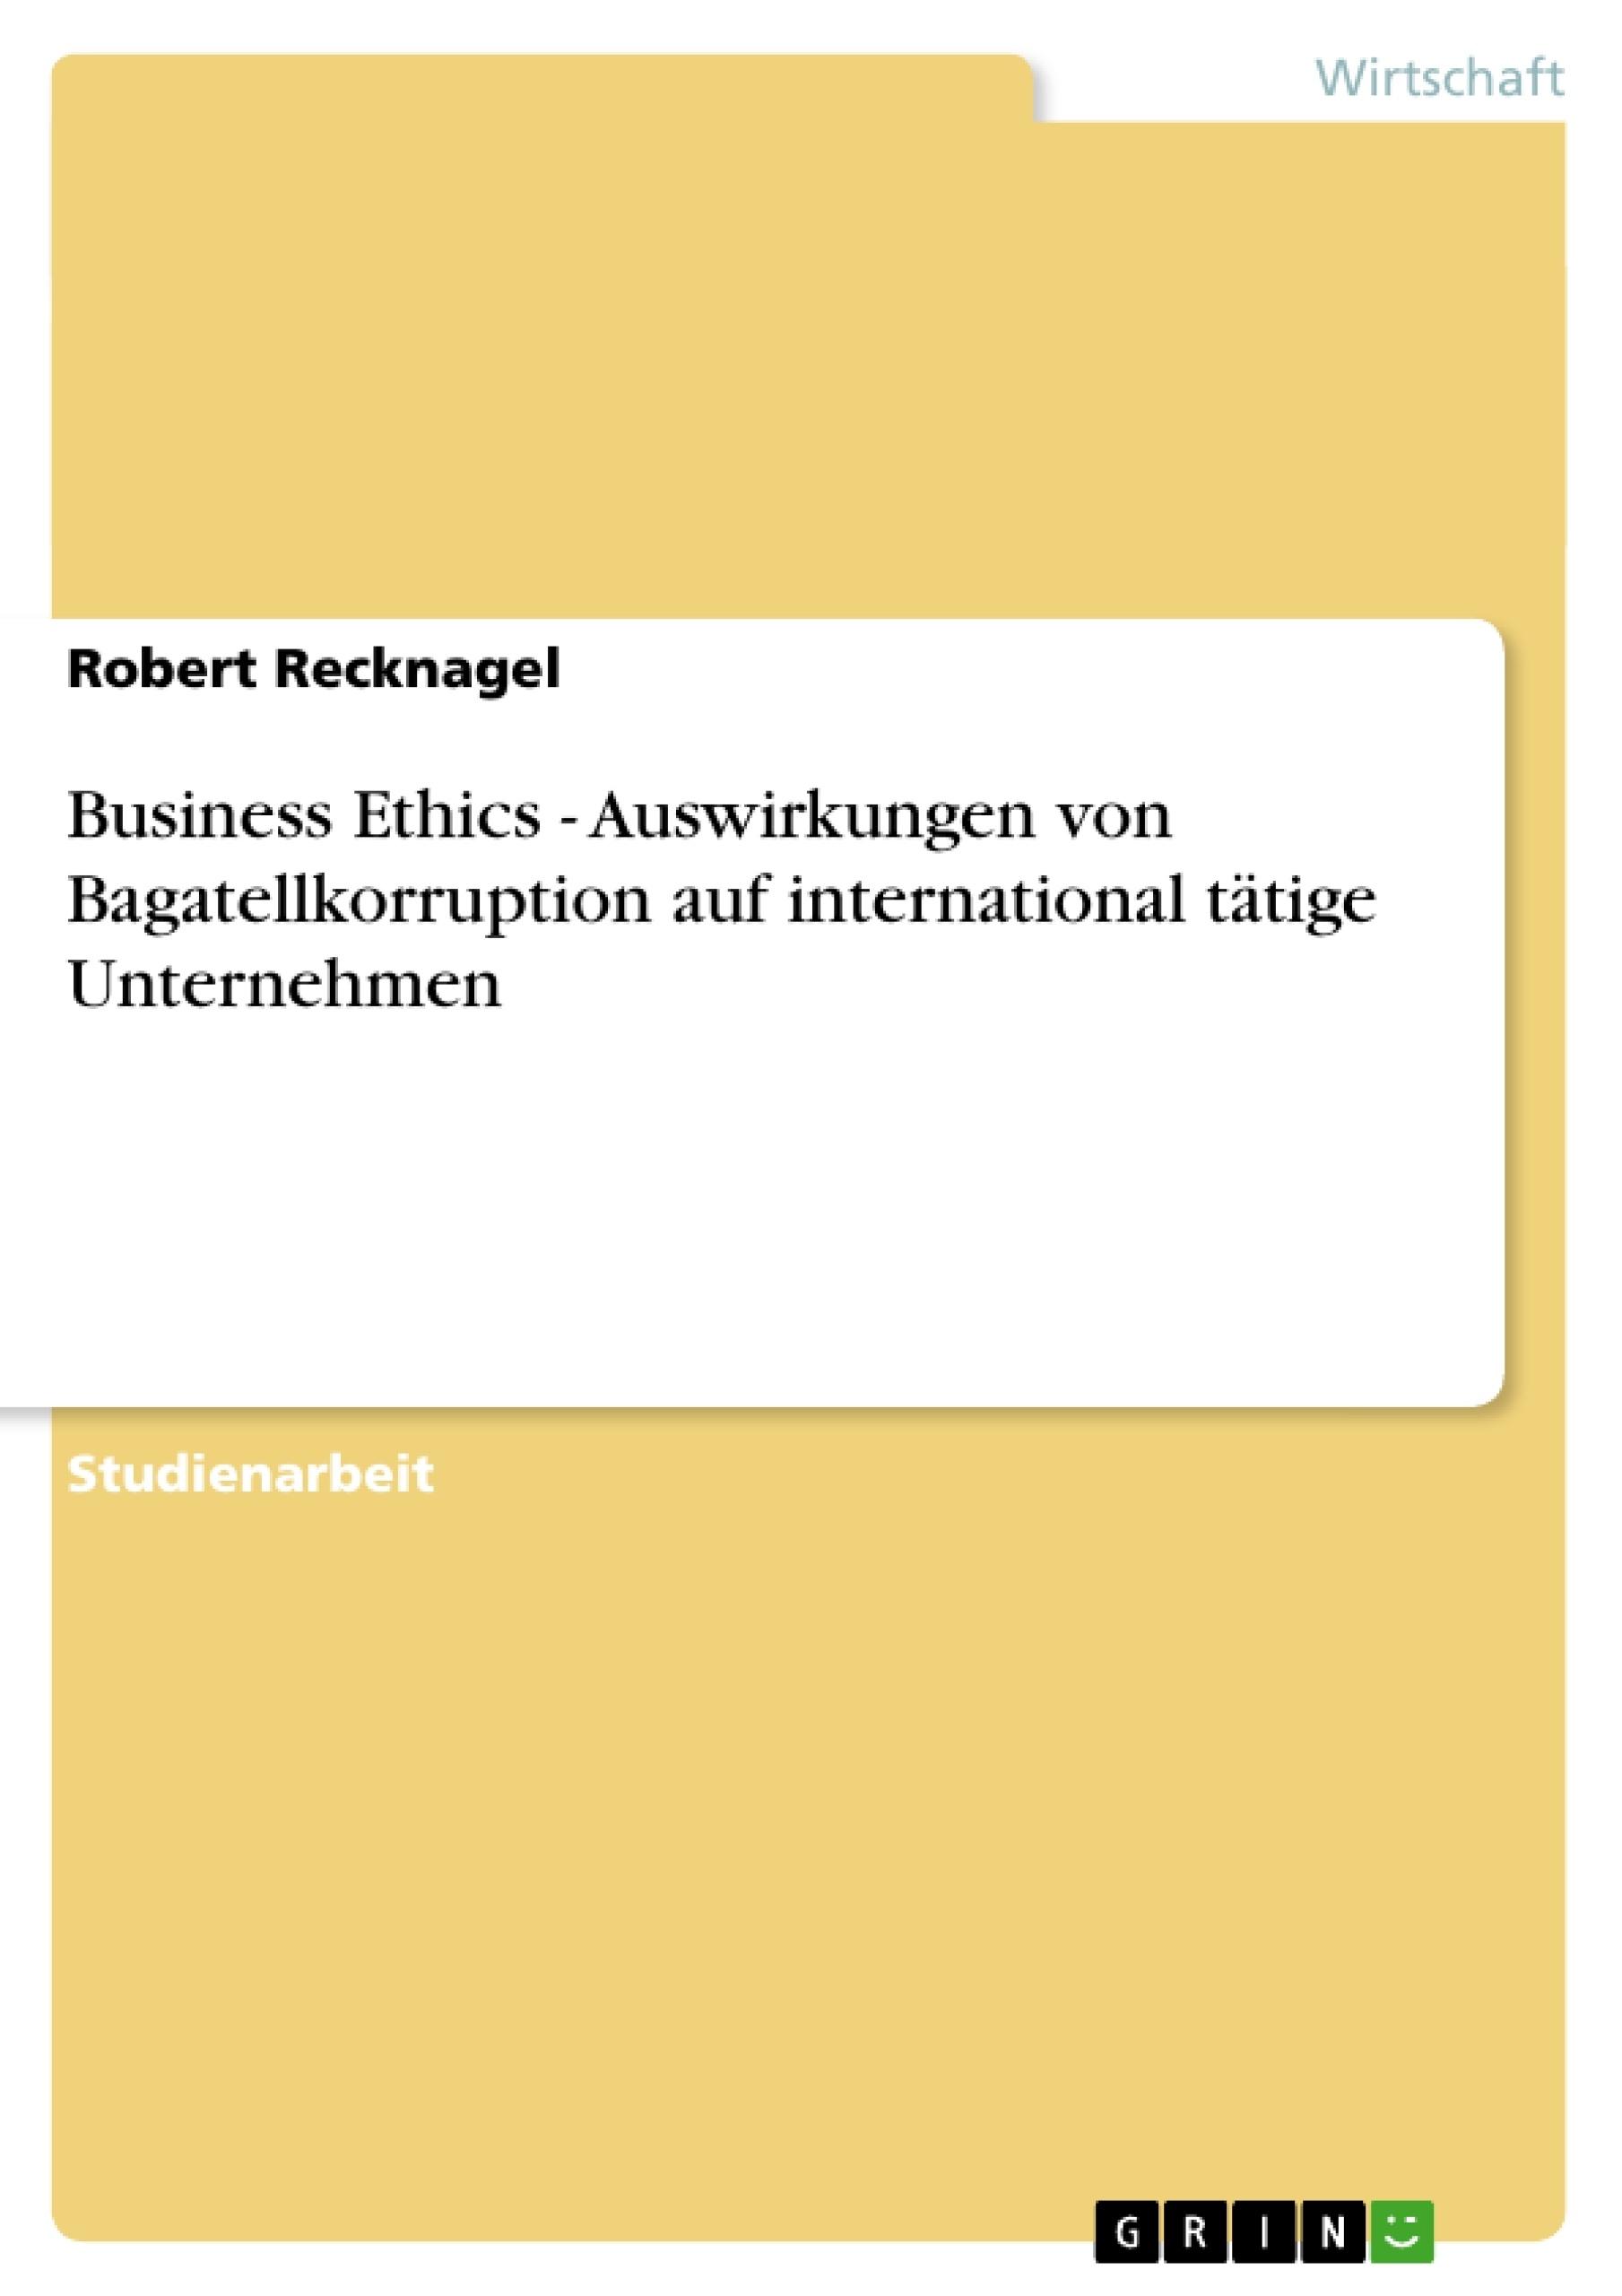 Titel: Business Ethics - Auswirkungen von Bagatellkorruption auf international tätige Unternehmen